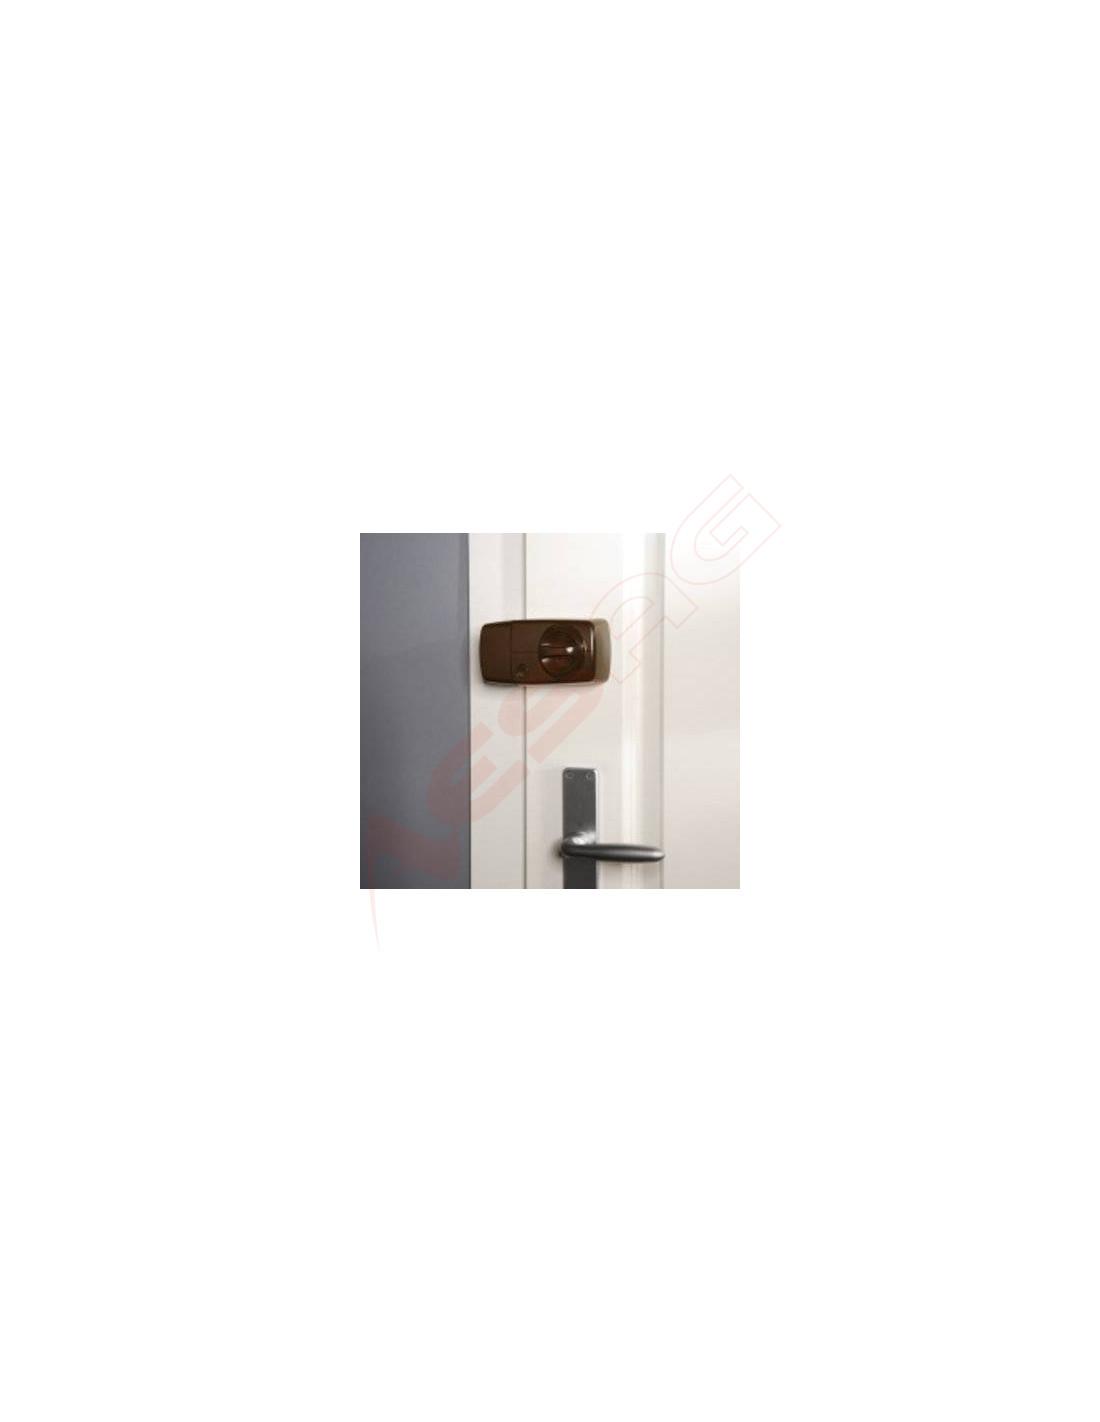 secvest funk t r zusatzschloss mit drehknauf braun fuft50010b. Black Bedroom Furniture Sets. Home Design Ideas